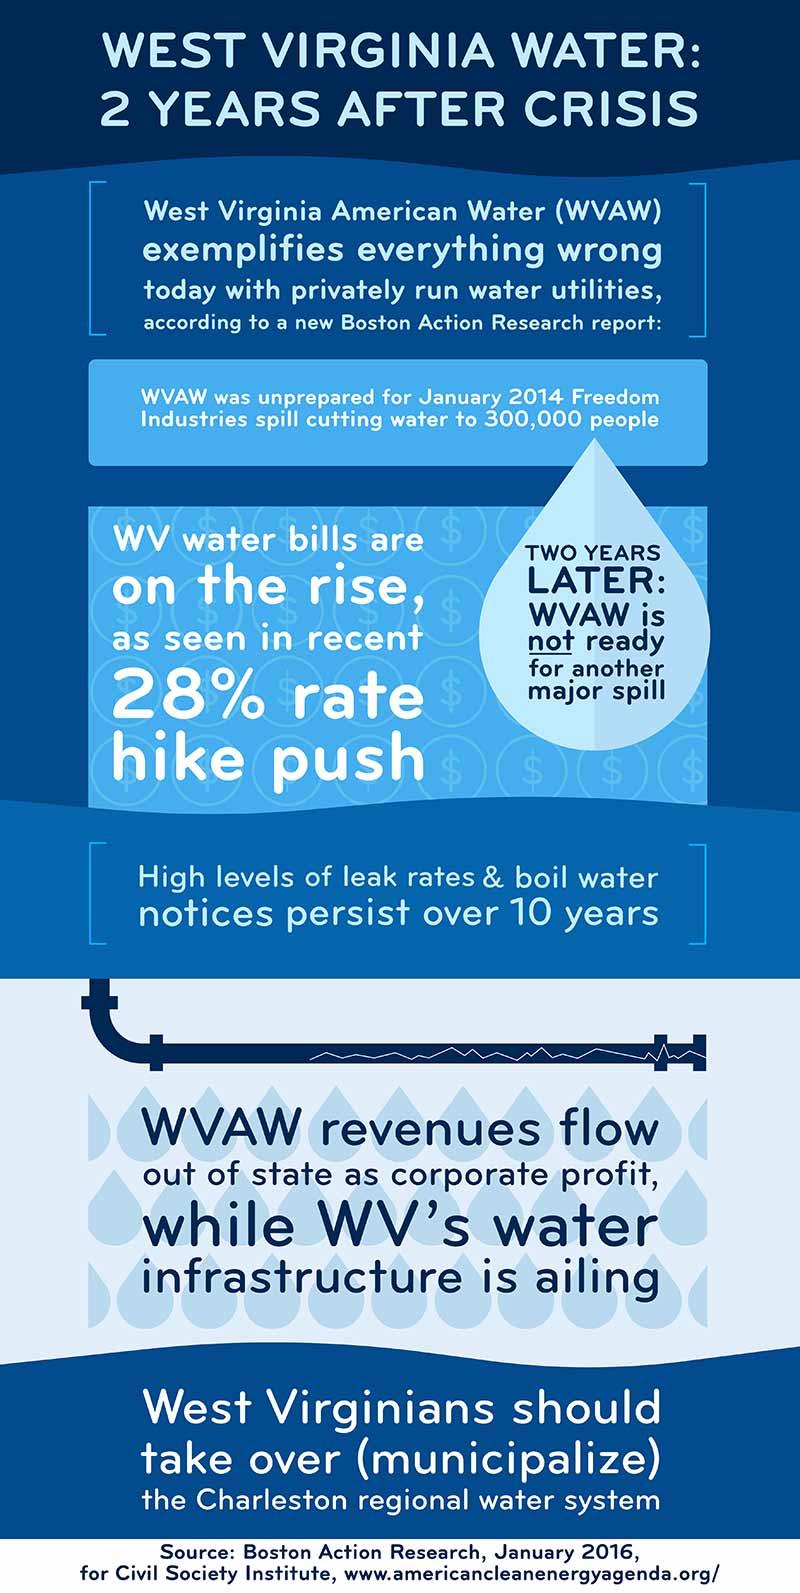 WV_WaterCrisis